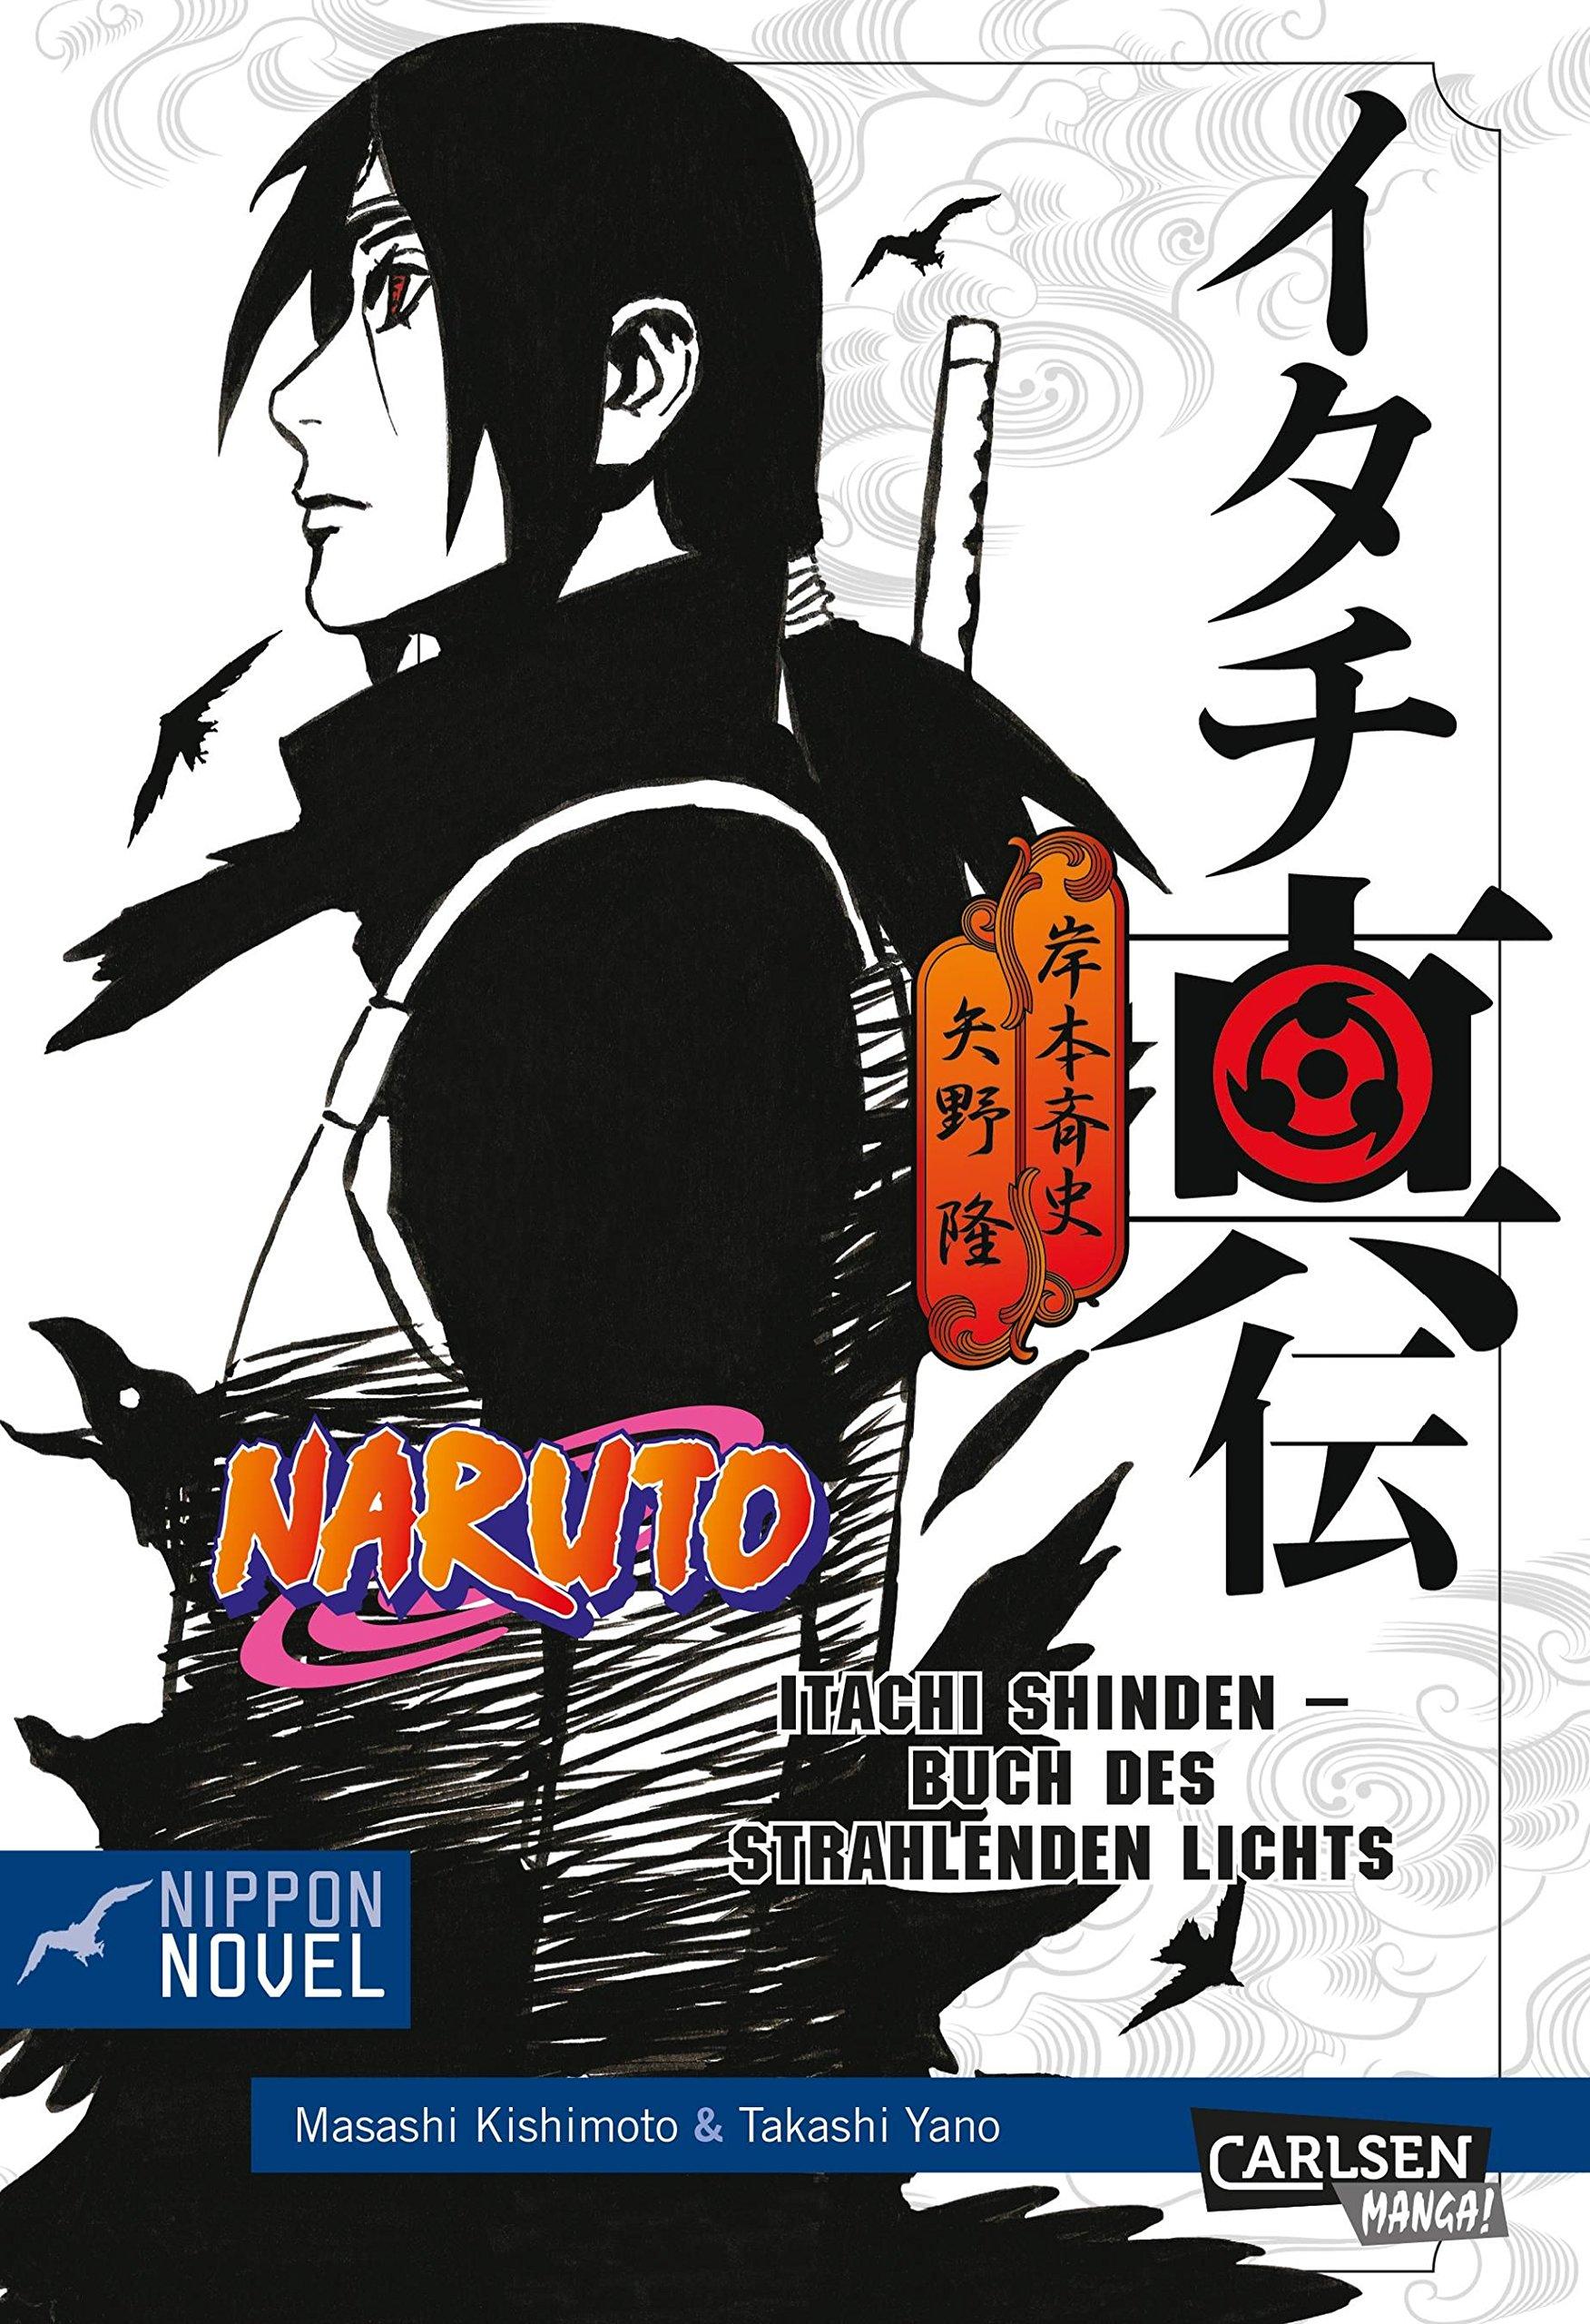 Naruto Itachi Shinden - Buch des strahlenden Lichts